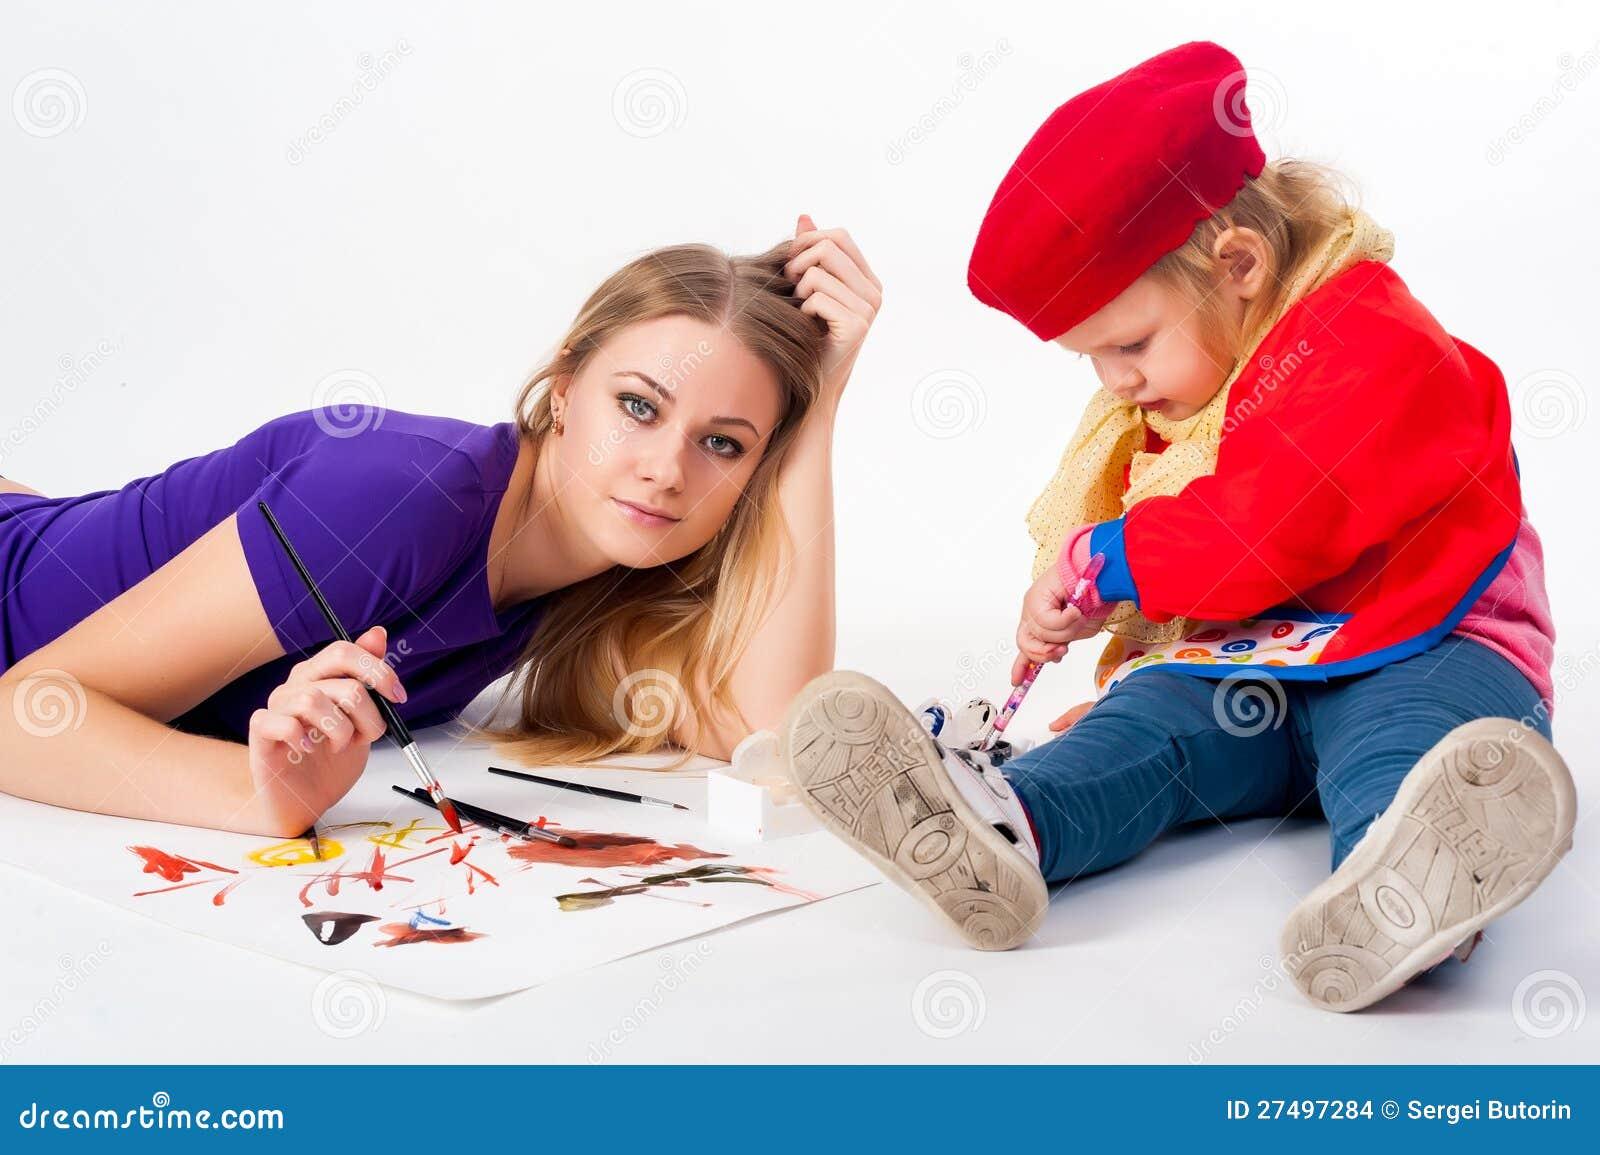 Сближение мамы и дочери 6 фотография